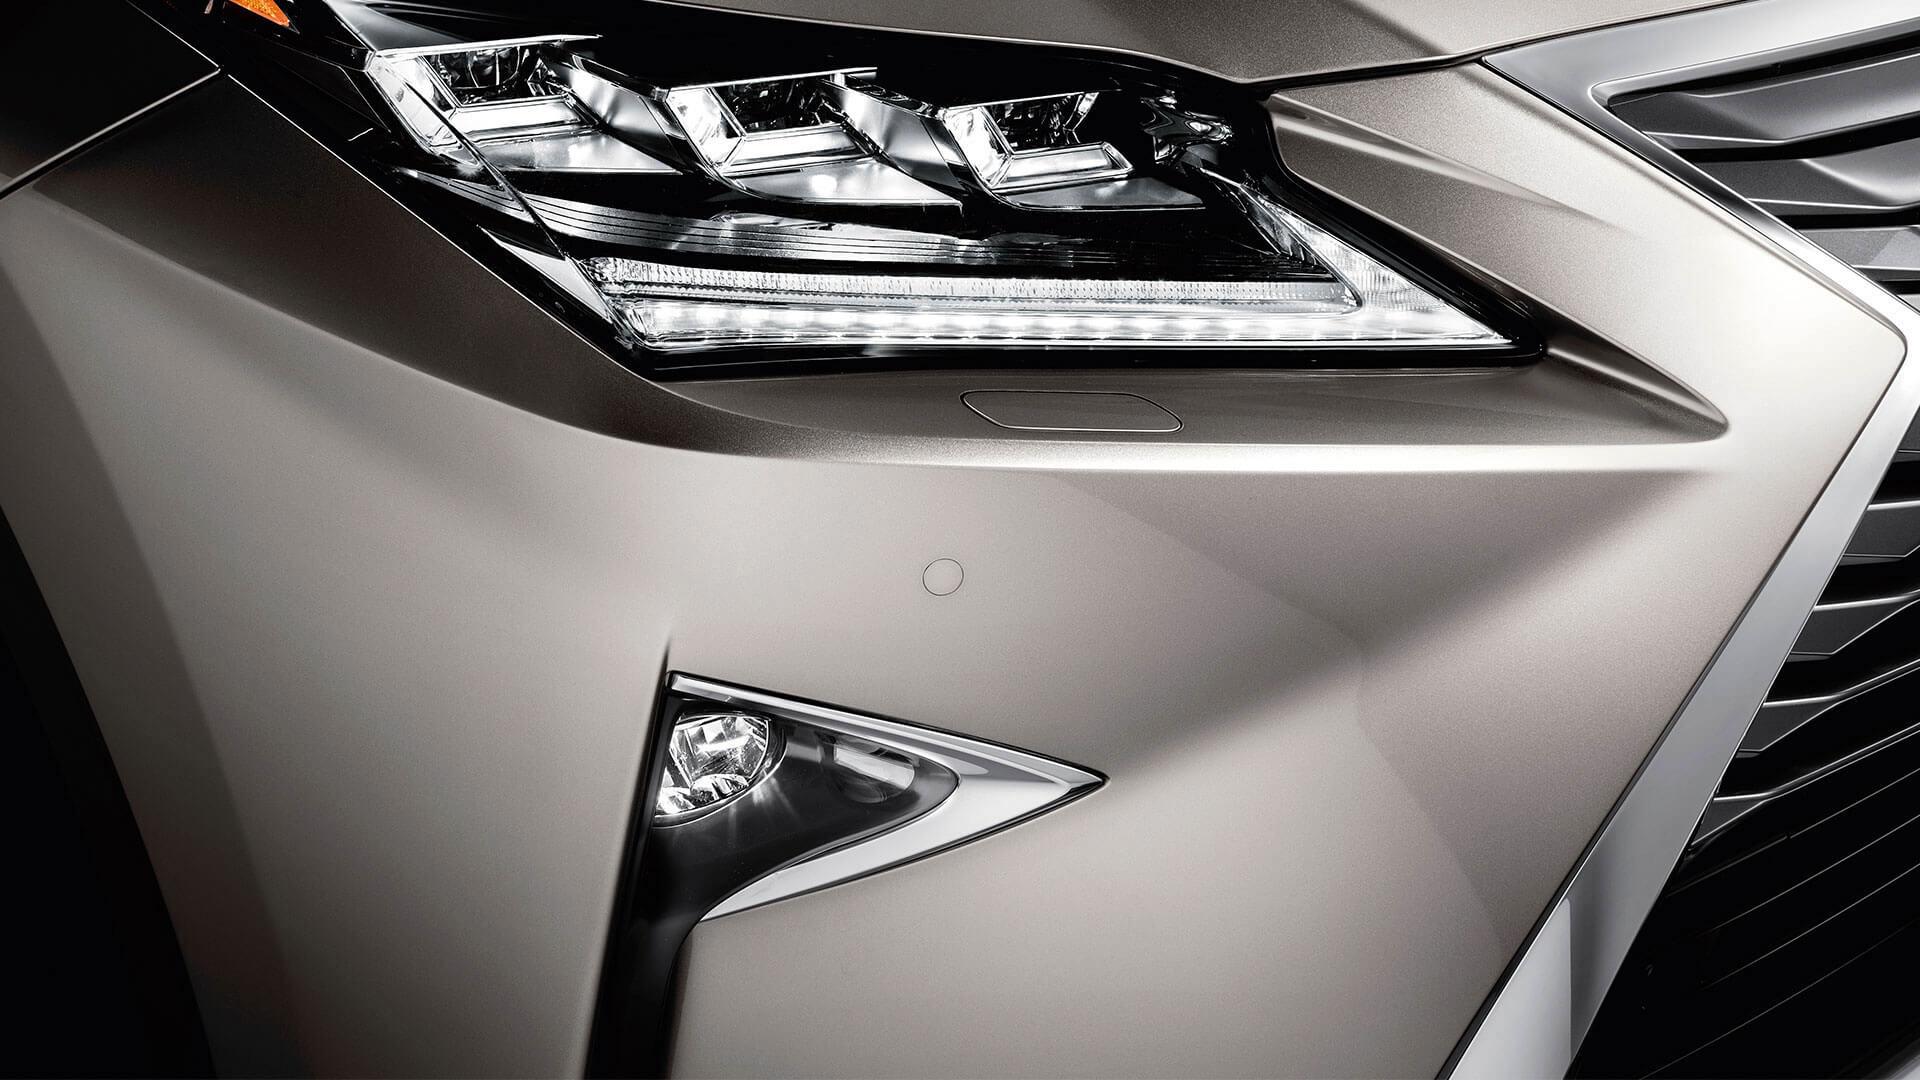 2017 lexus rx 200t features parking sensors